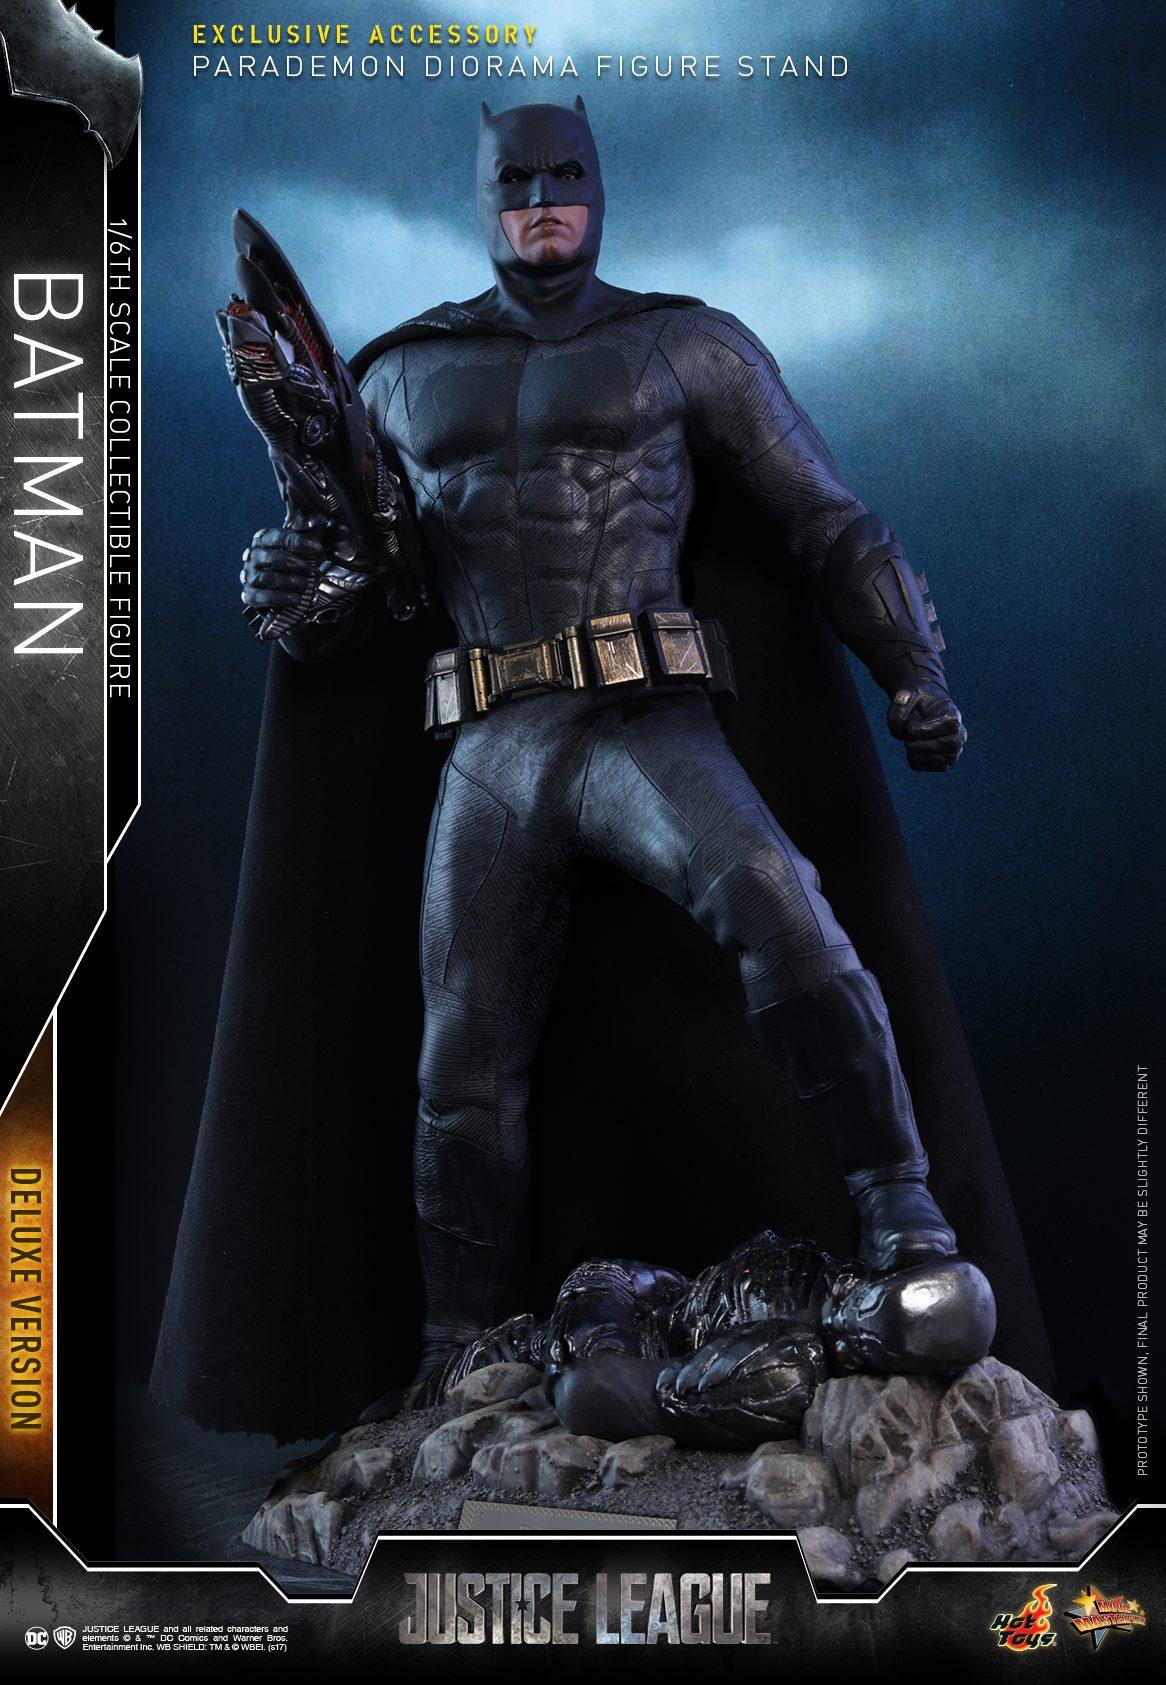 Hot-Toys-Deluxe-Batman-Justice-League-012